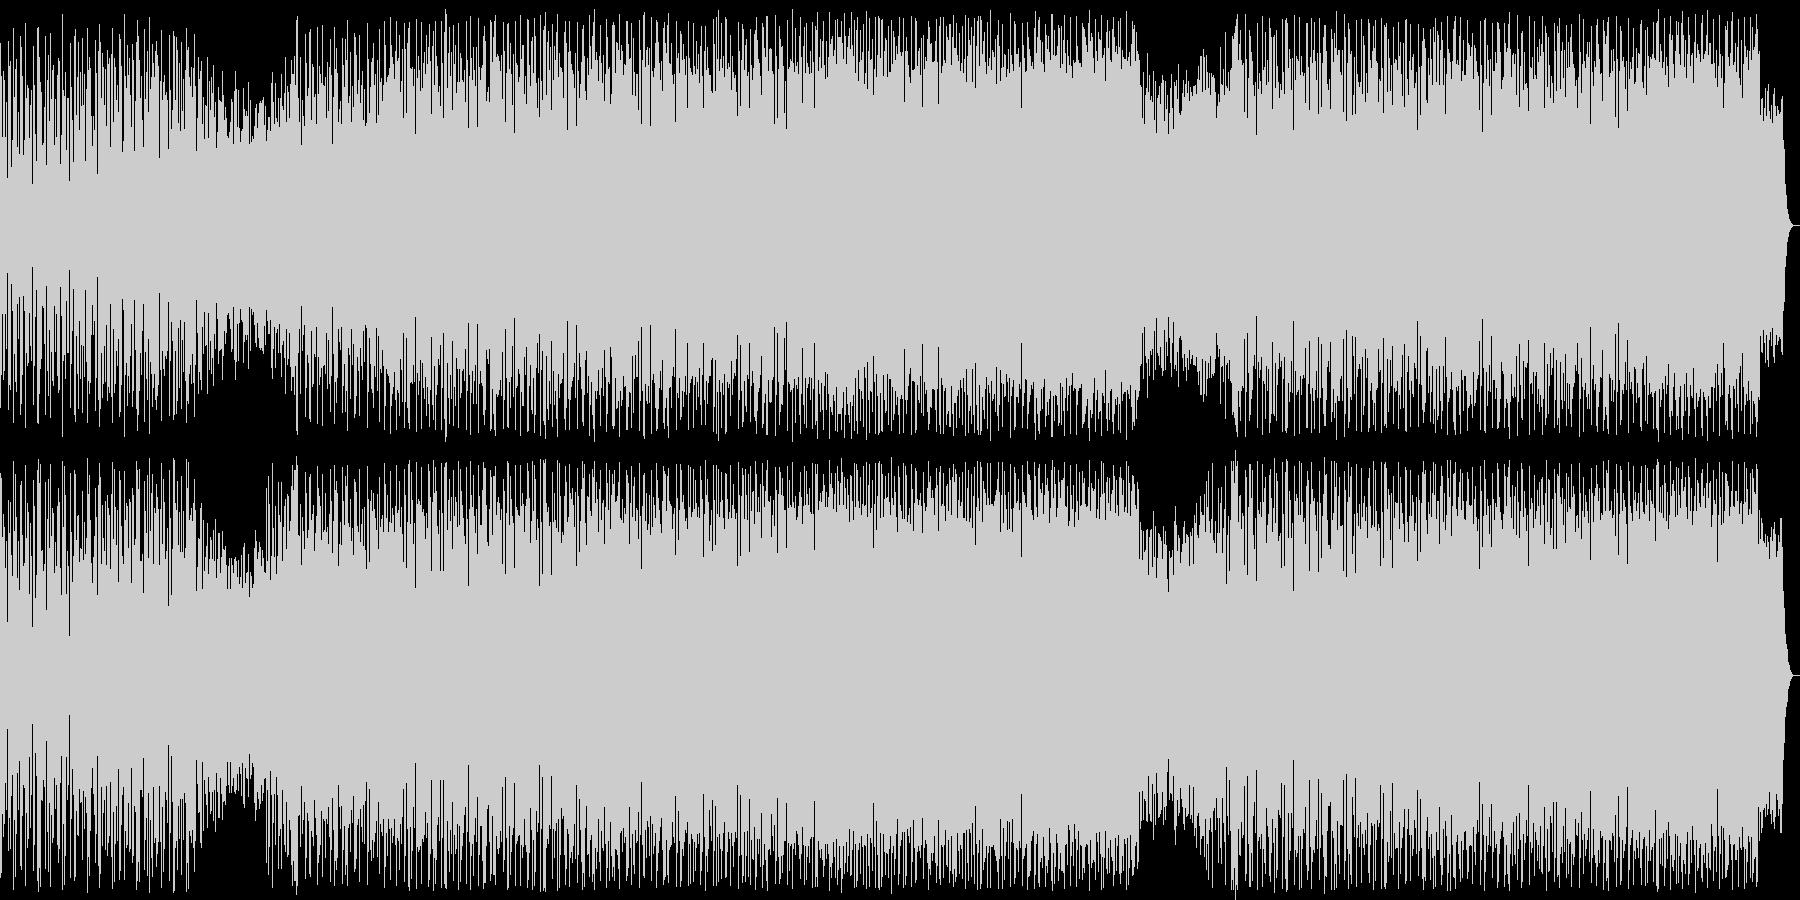 軽快な掛け声が盛り上がりを演出する曲の未再生の波形